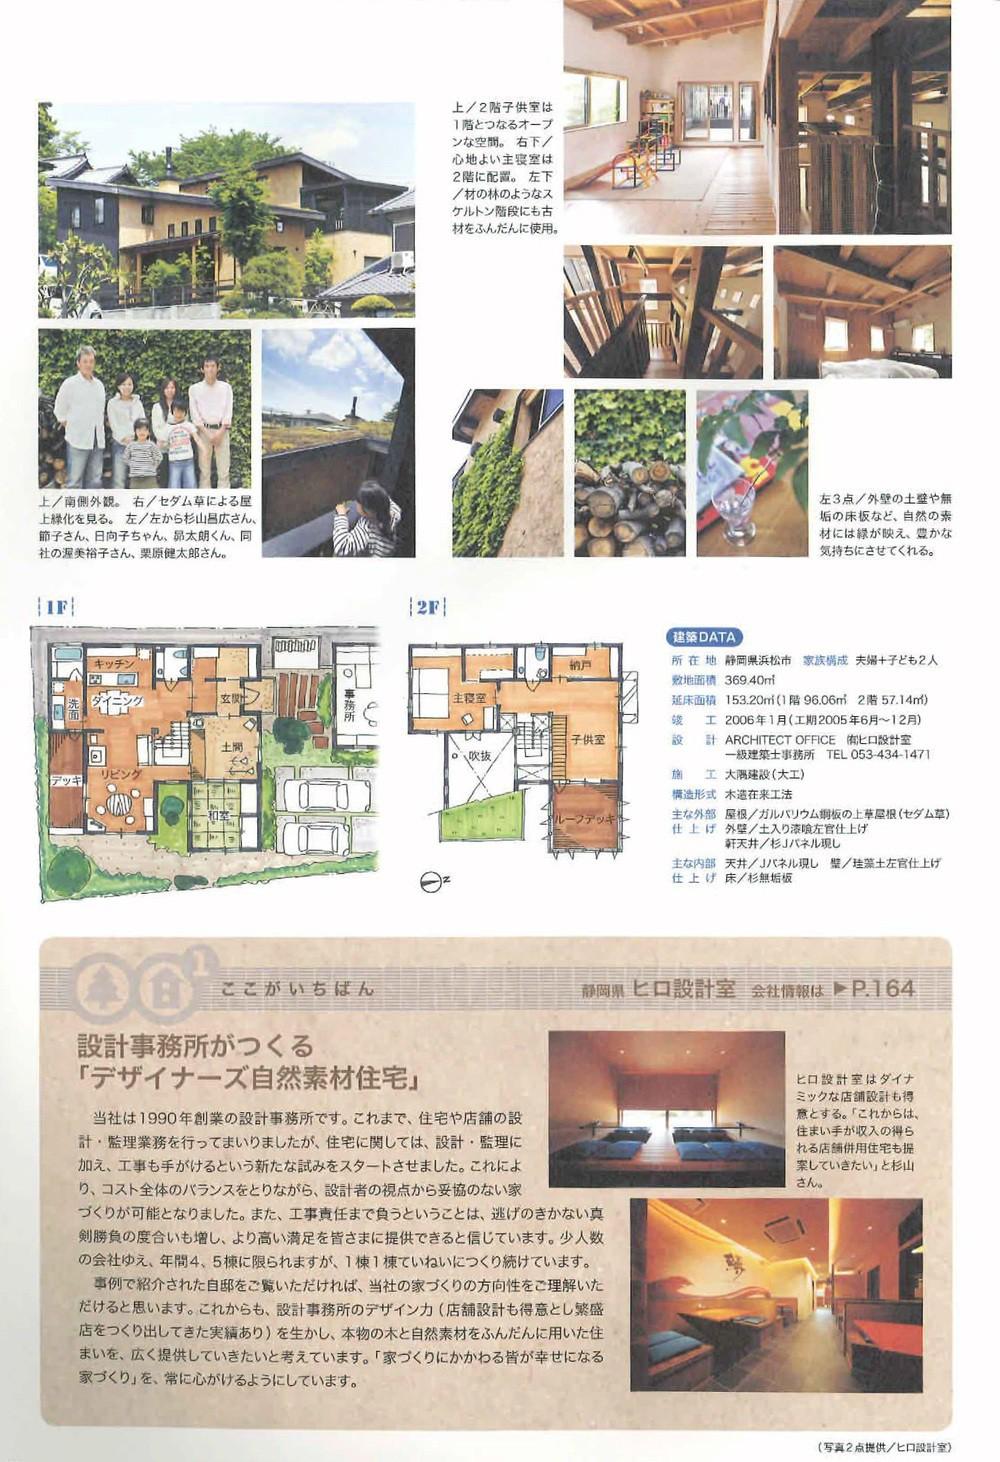 掲載された事務所併用住宅の記事